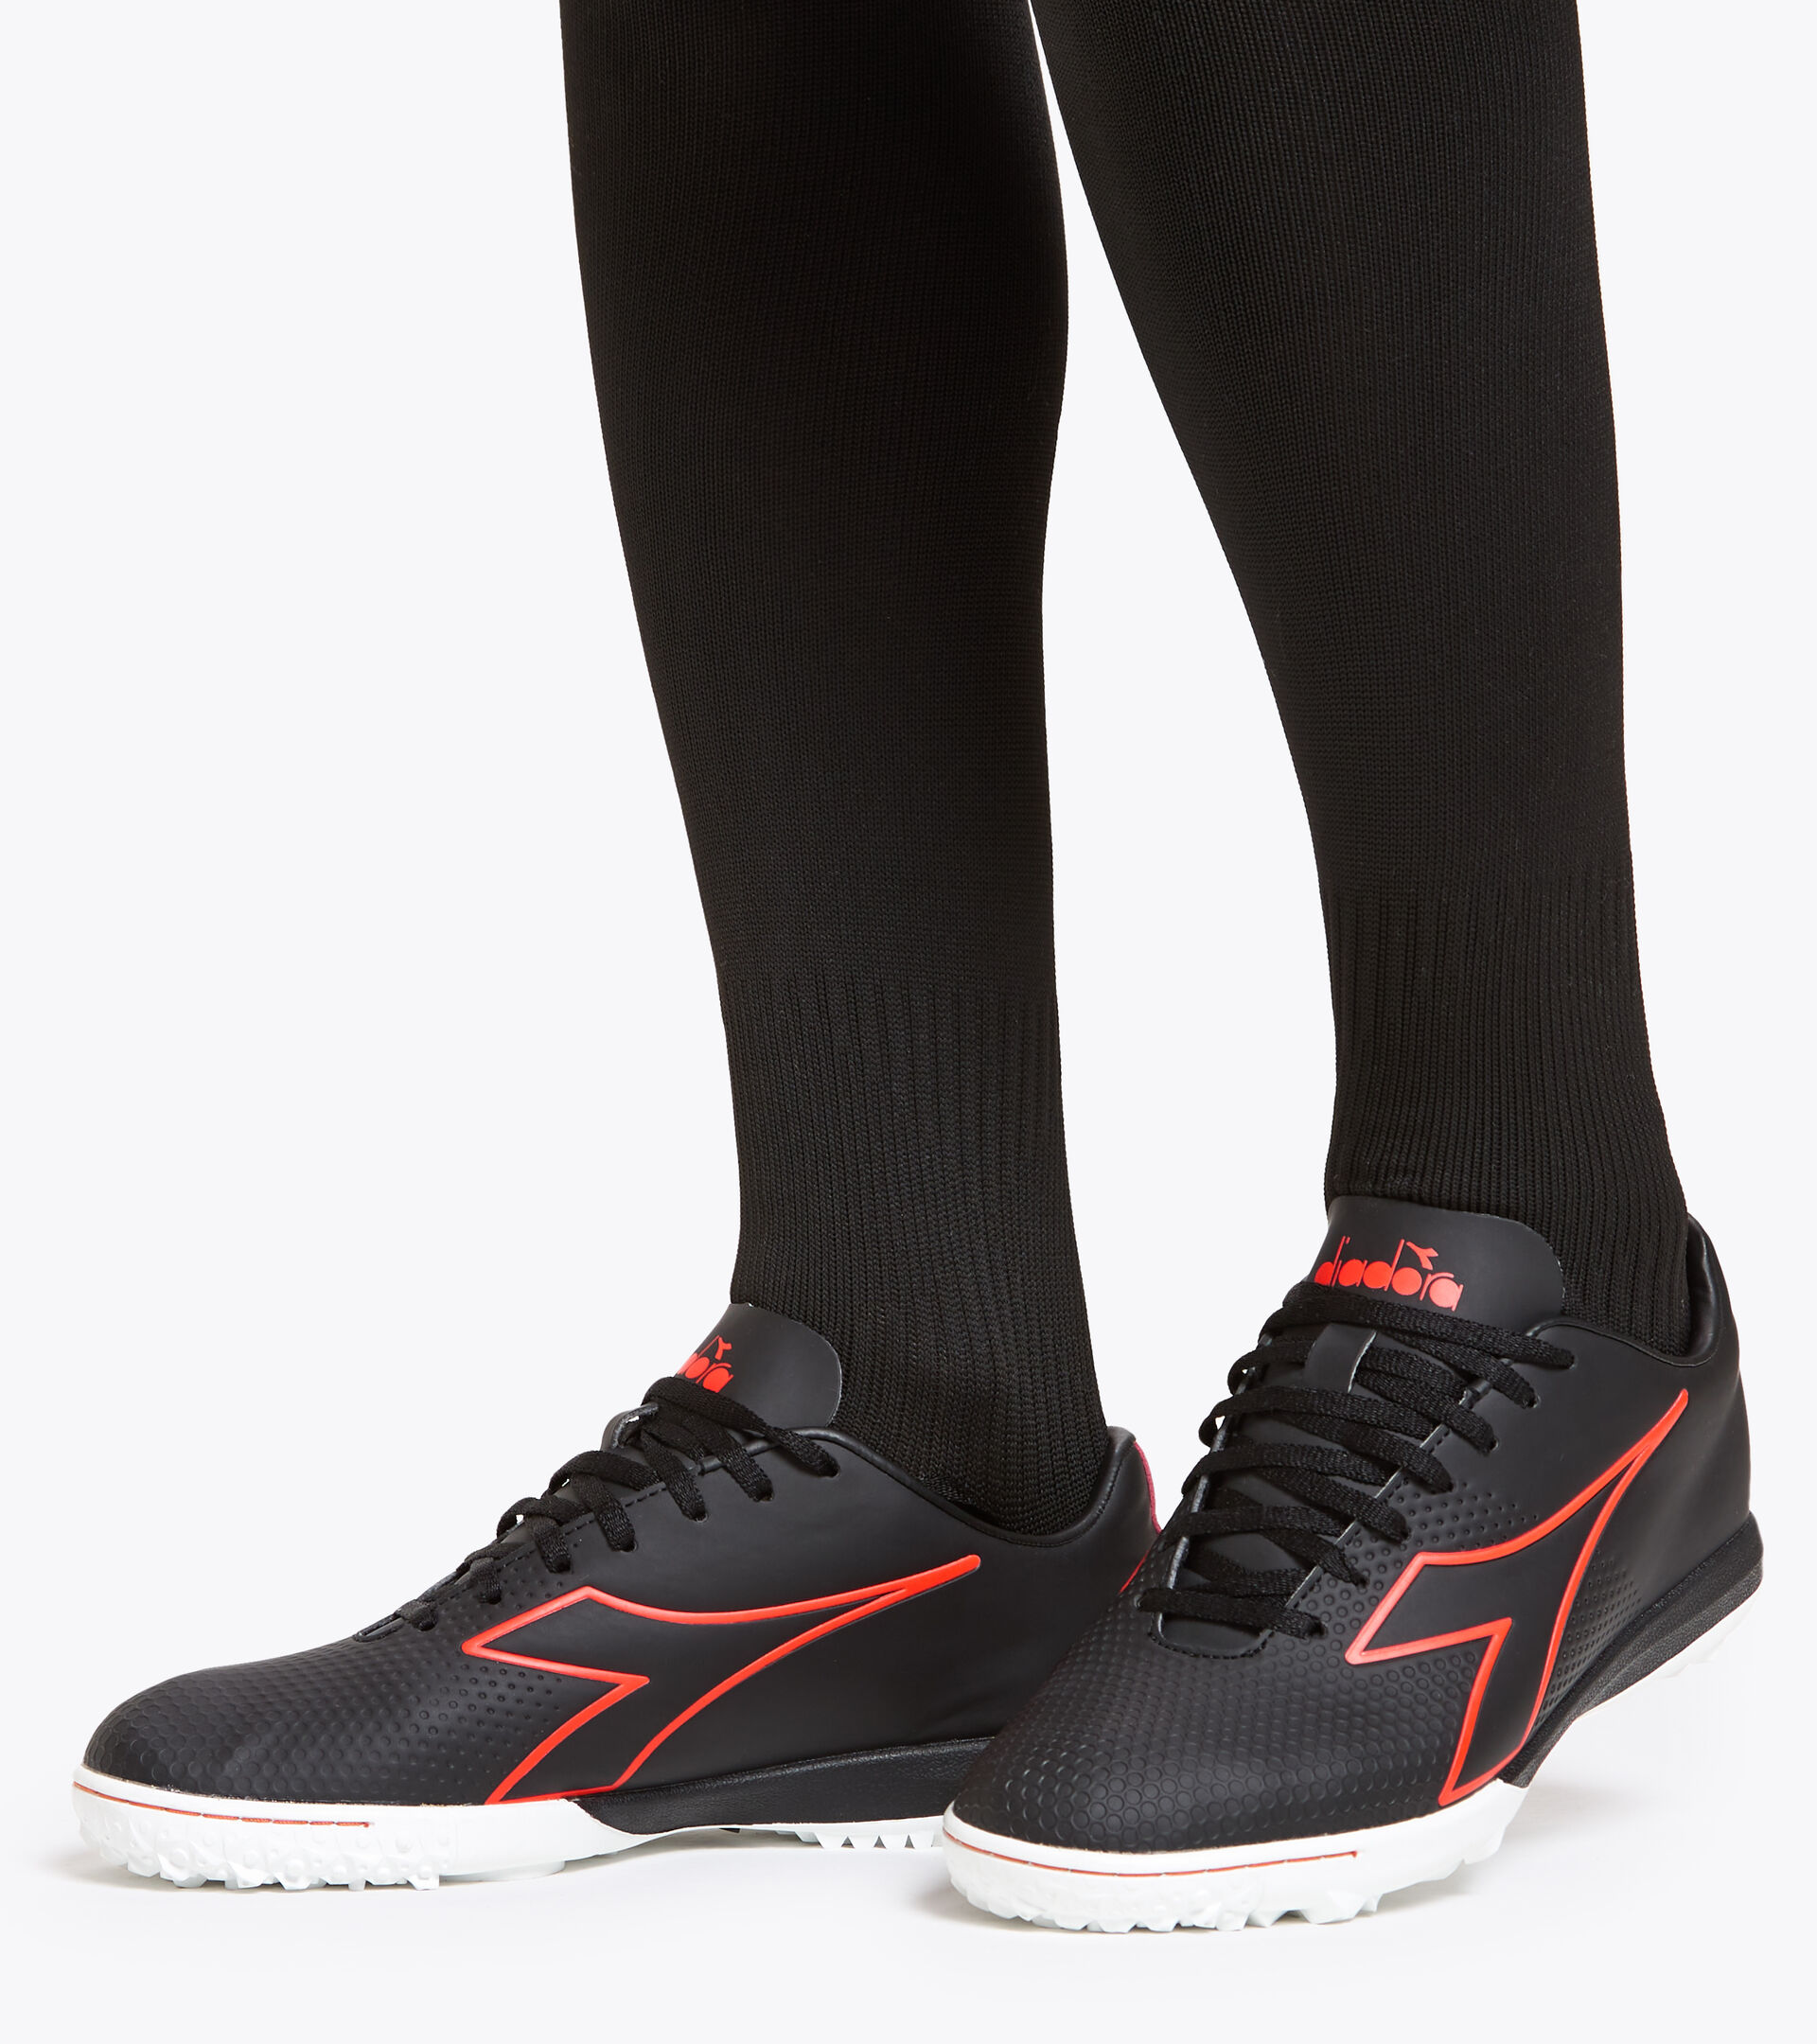 Footwear Sport UOMO PICHICHI 4 TFR NEGRO/ROJO FLUO/BLANCO Diadora